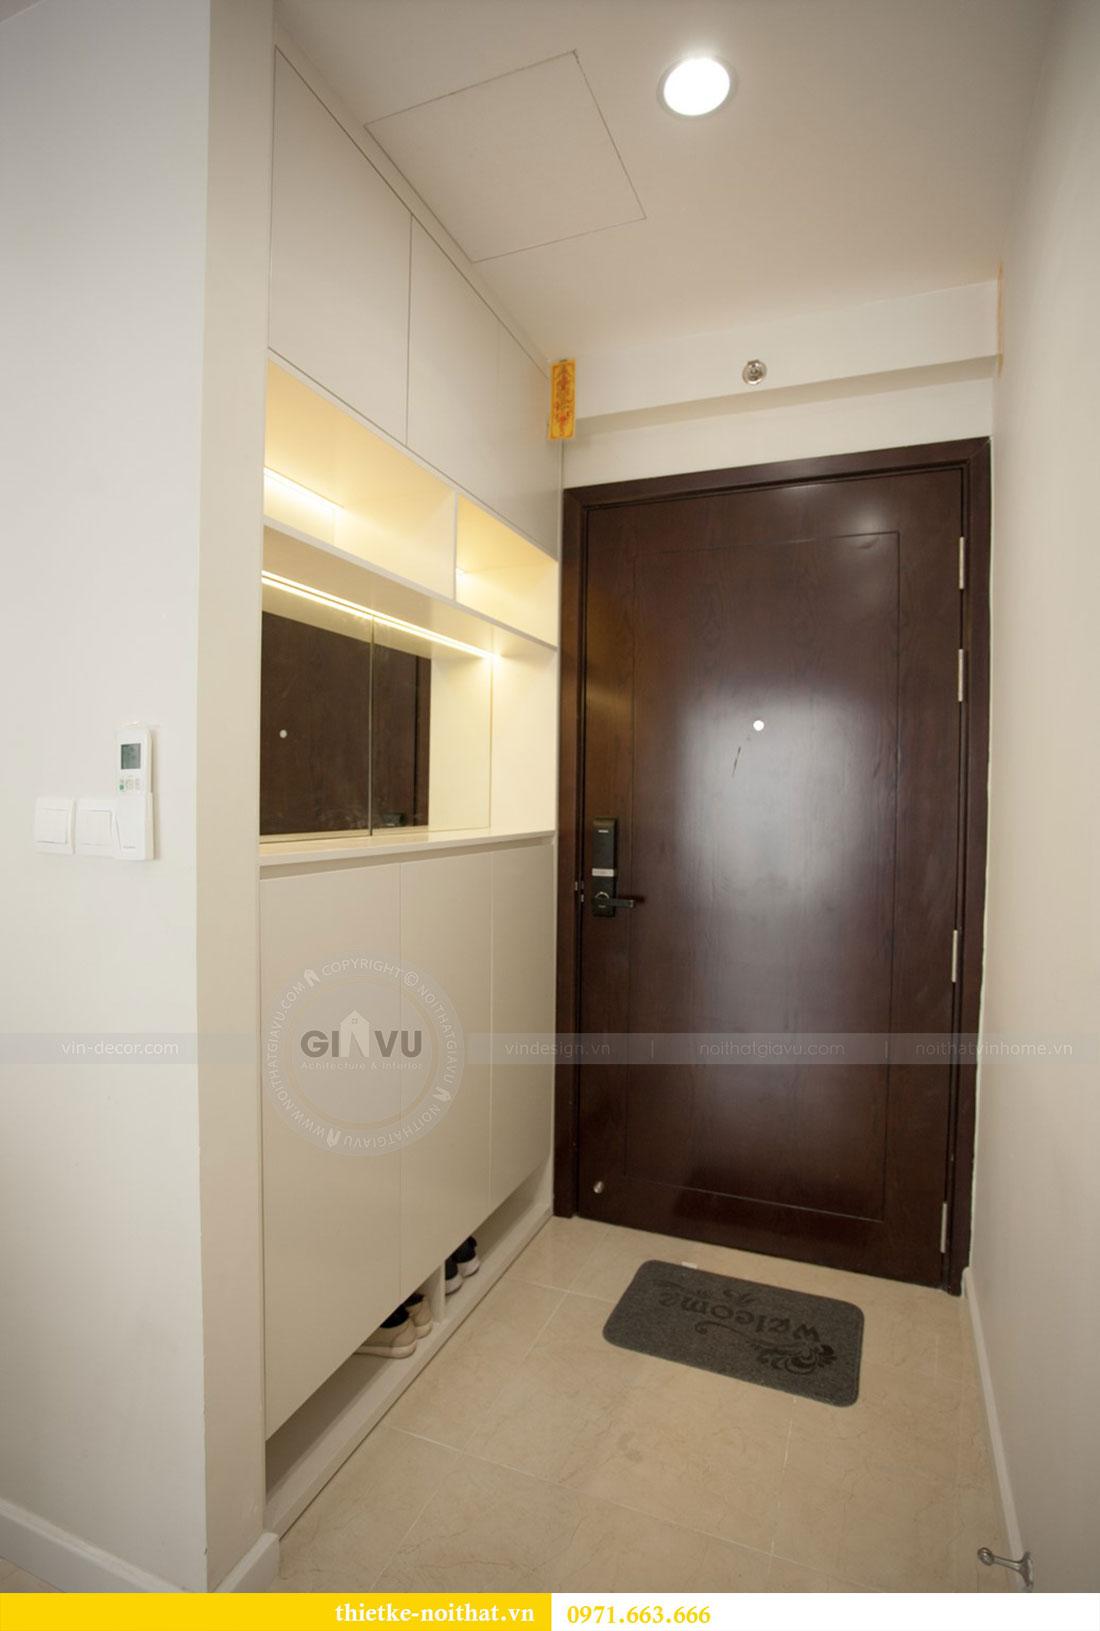 Ảnh chụp hoàn thiện nội thất căn hộ 03 tòa C1 Vinhomes Dcapitale 1